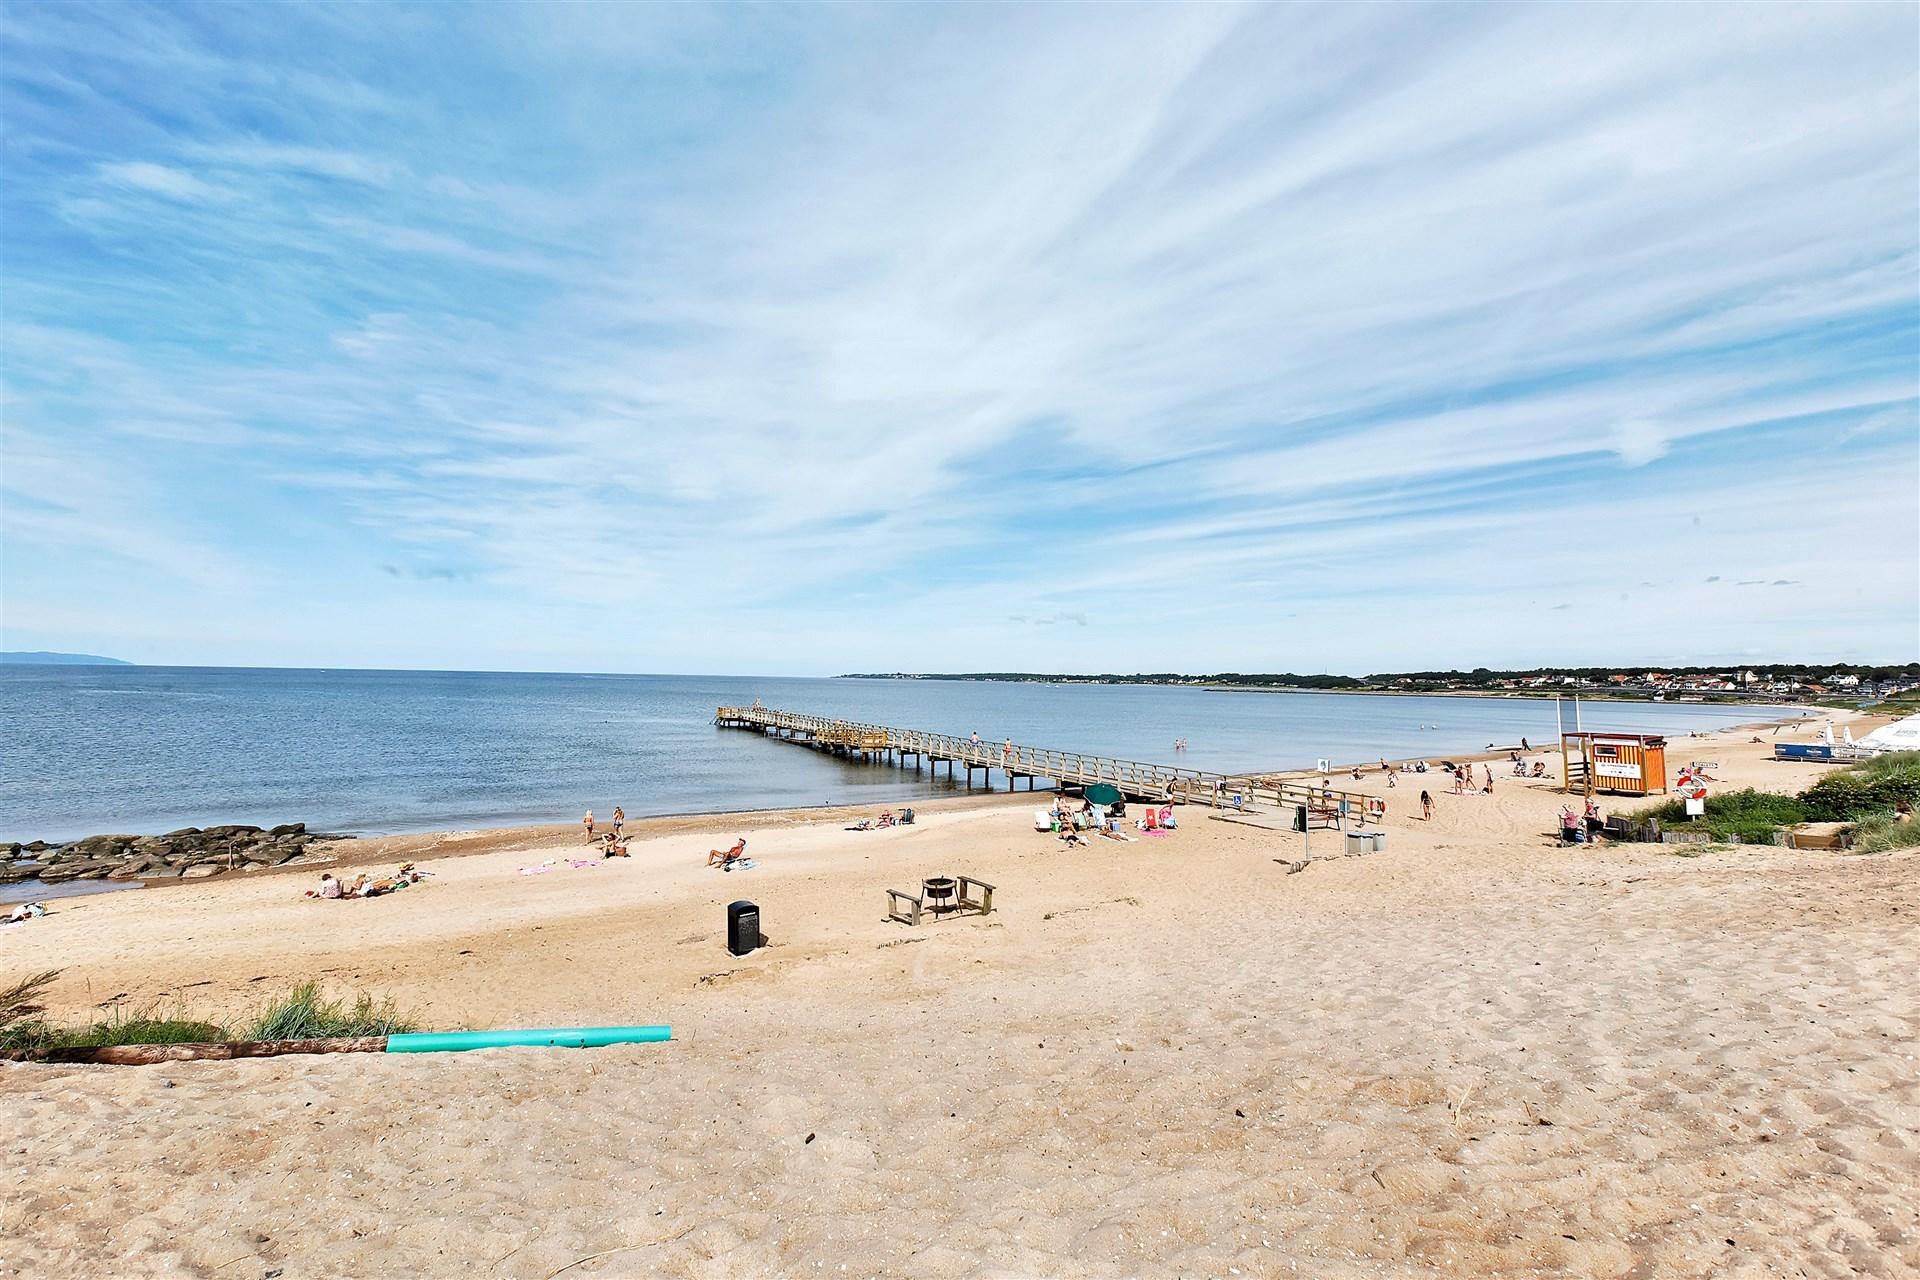 På kort avstånd finns den populära sandstranden Klitterhus.